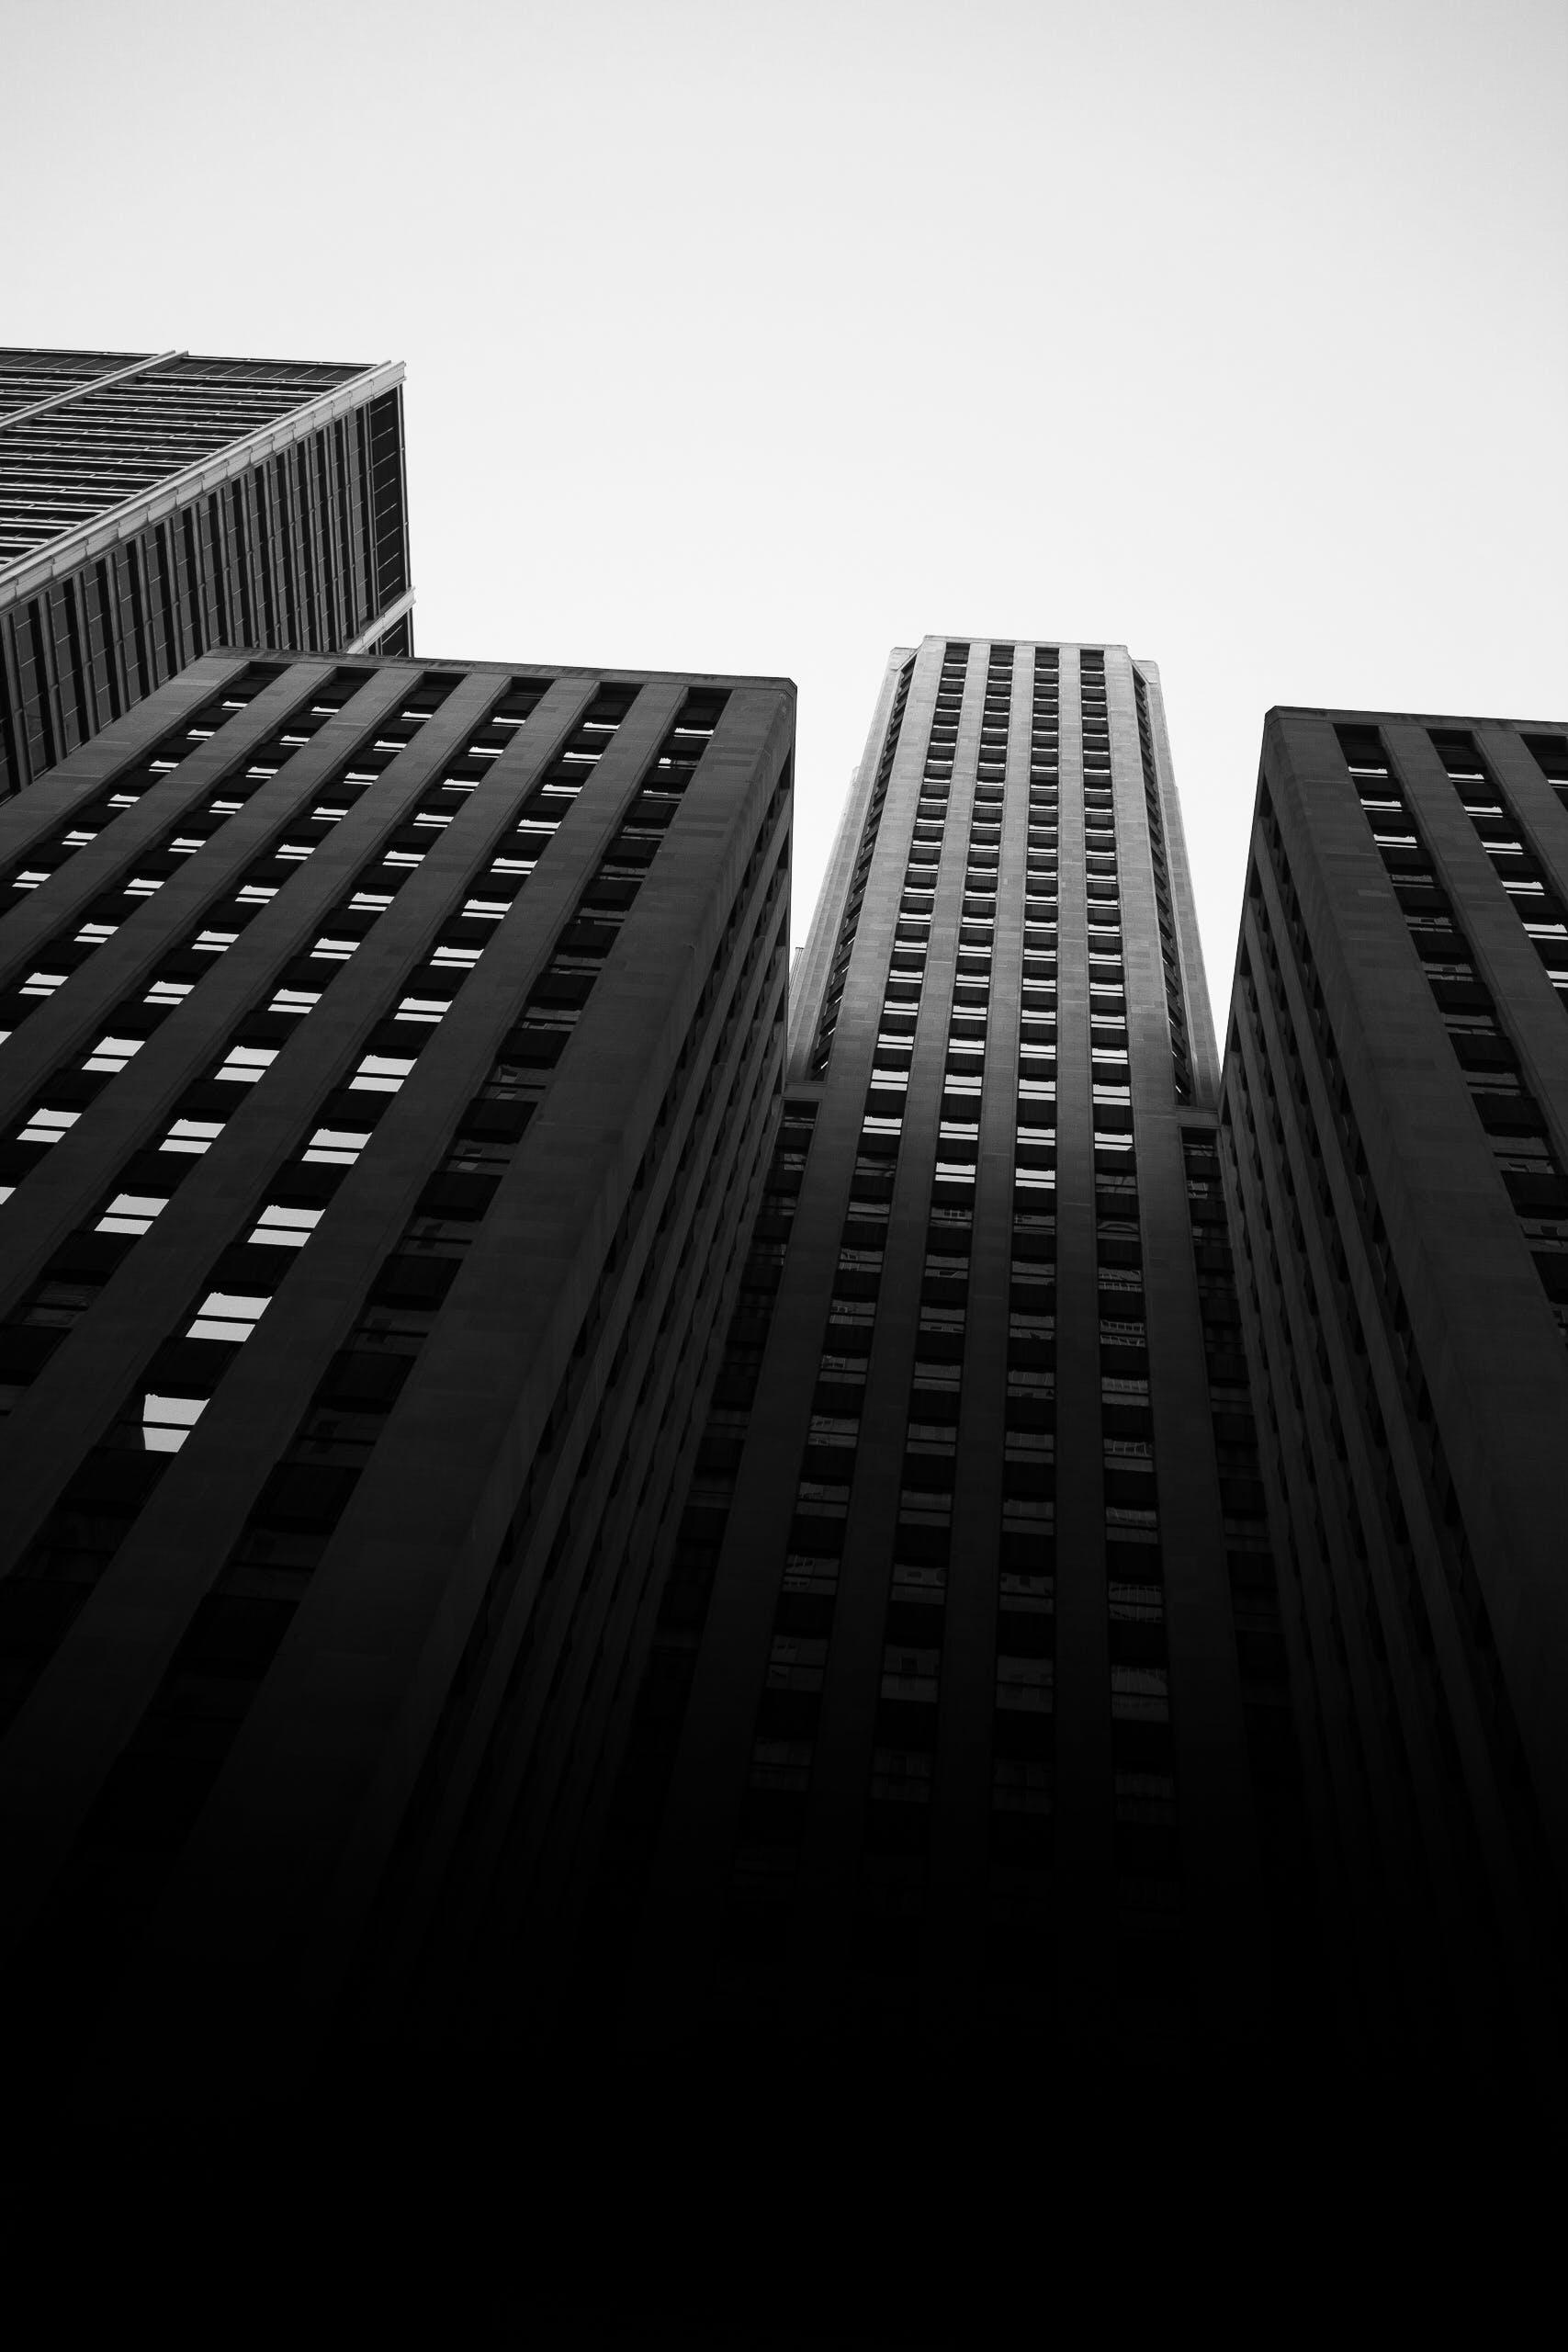 Ingyenes stockfotó ablakok, acél, beton, Chicago témában